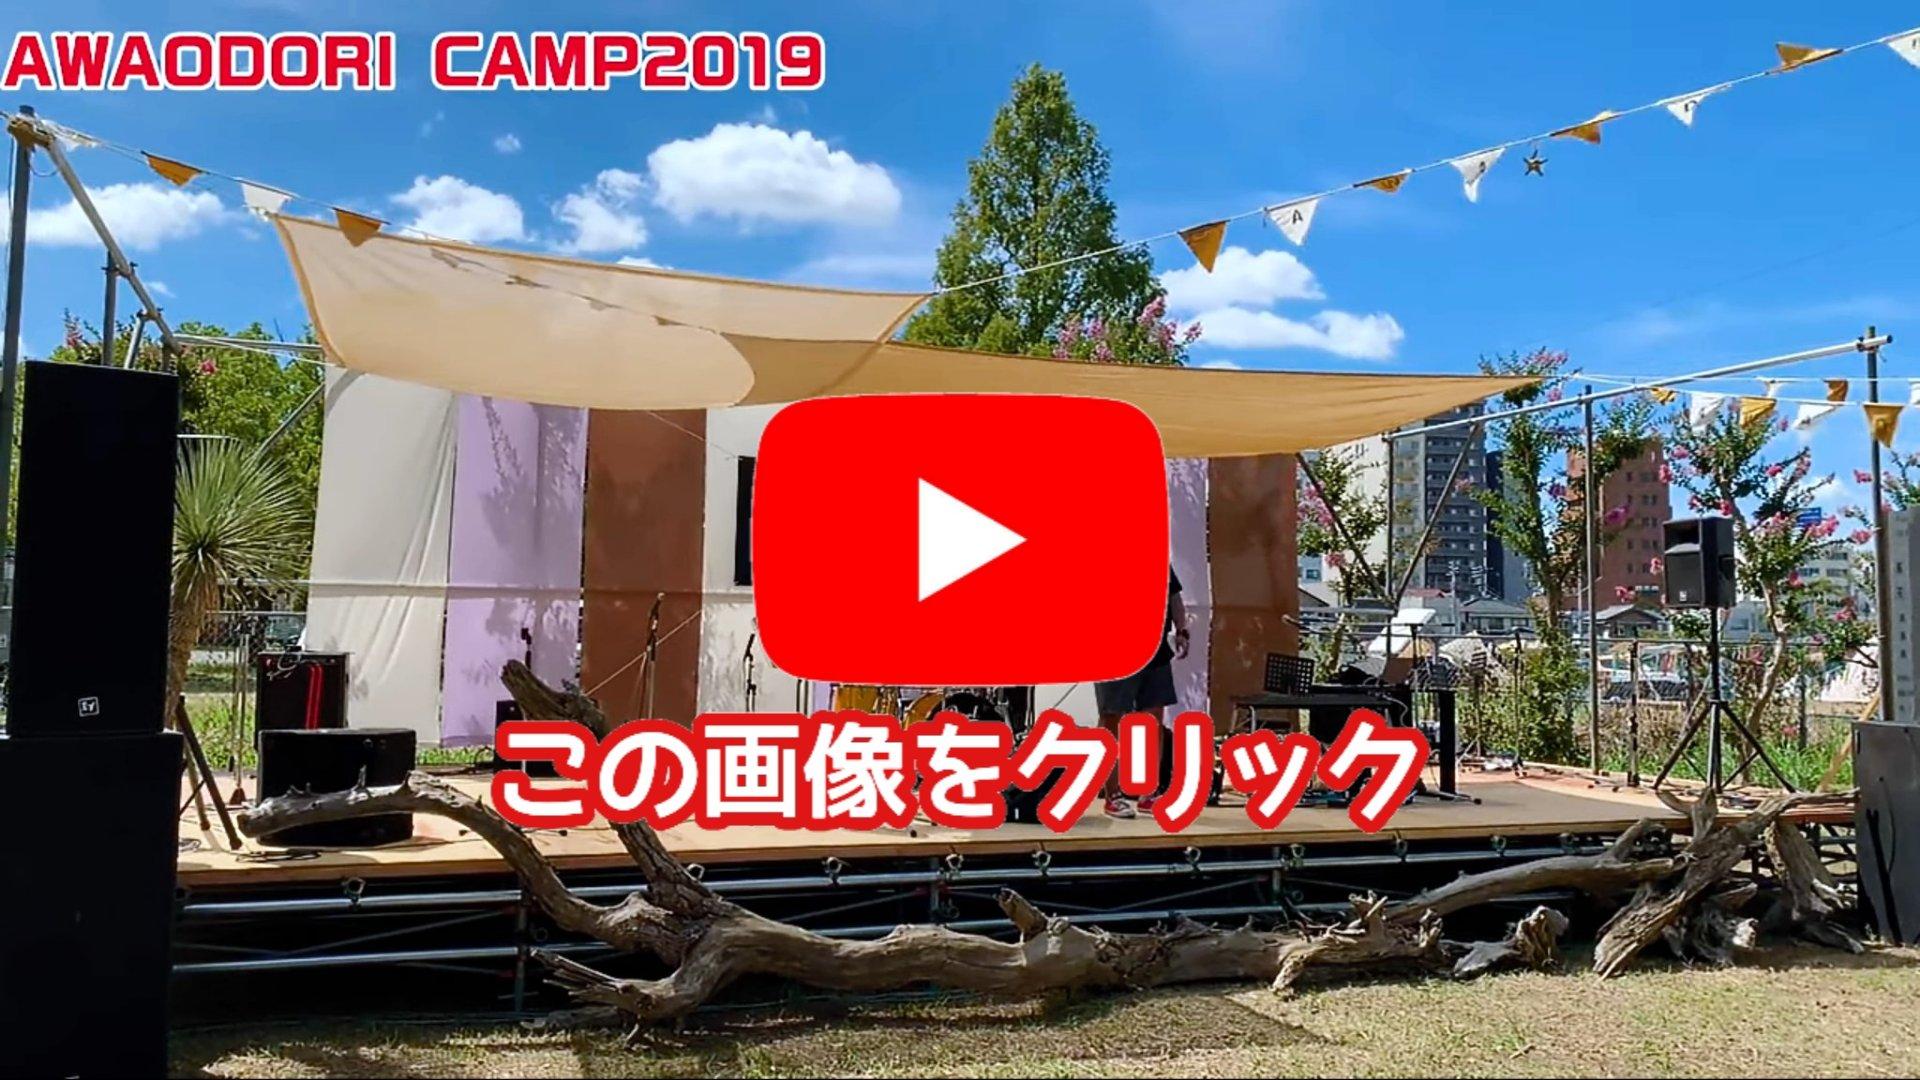 【AWAODORI CAMP】街中でキャンプ